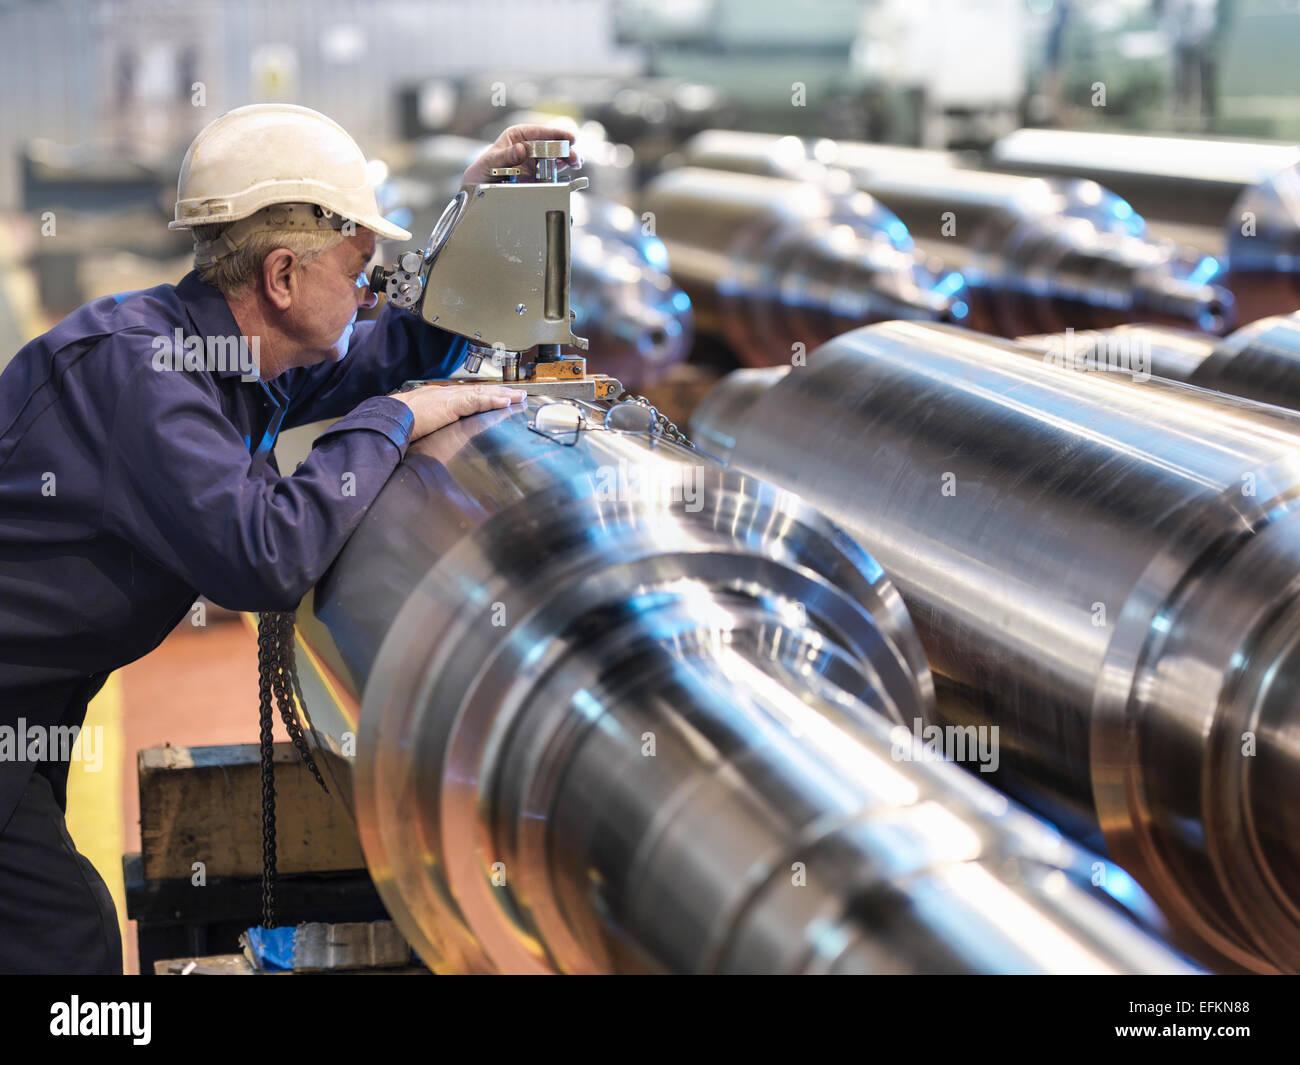 Ensayos de dureza de la pieza de acero en la fábrica de ingeniería Imagen De Stock